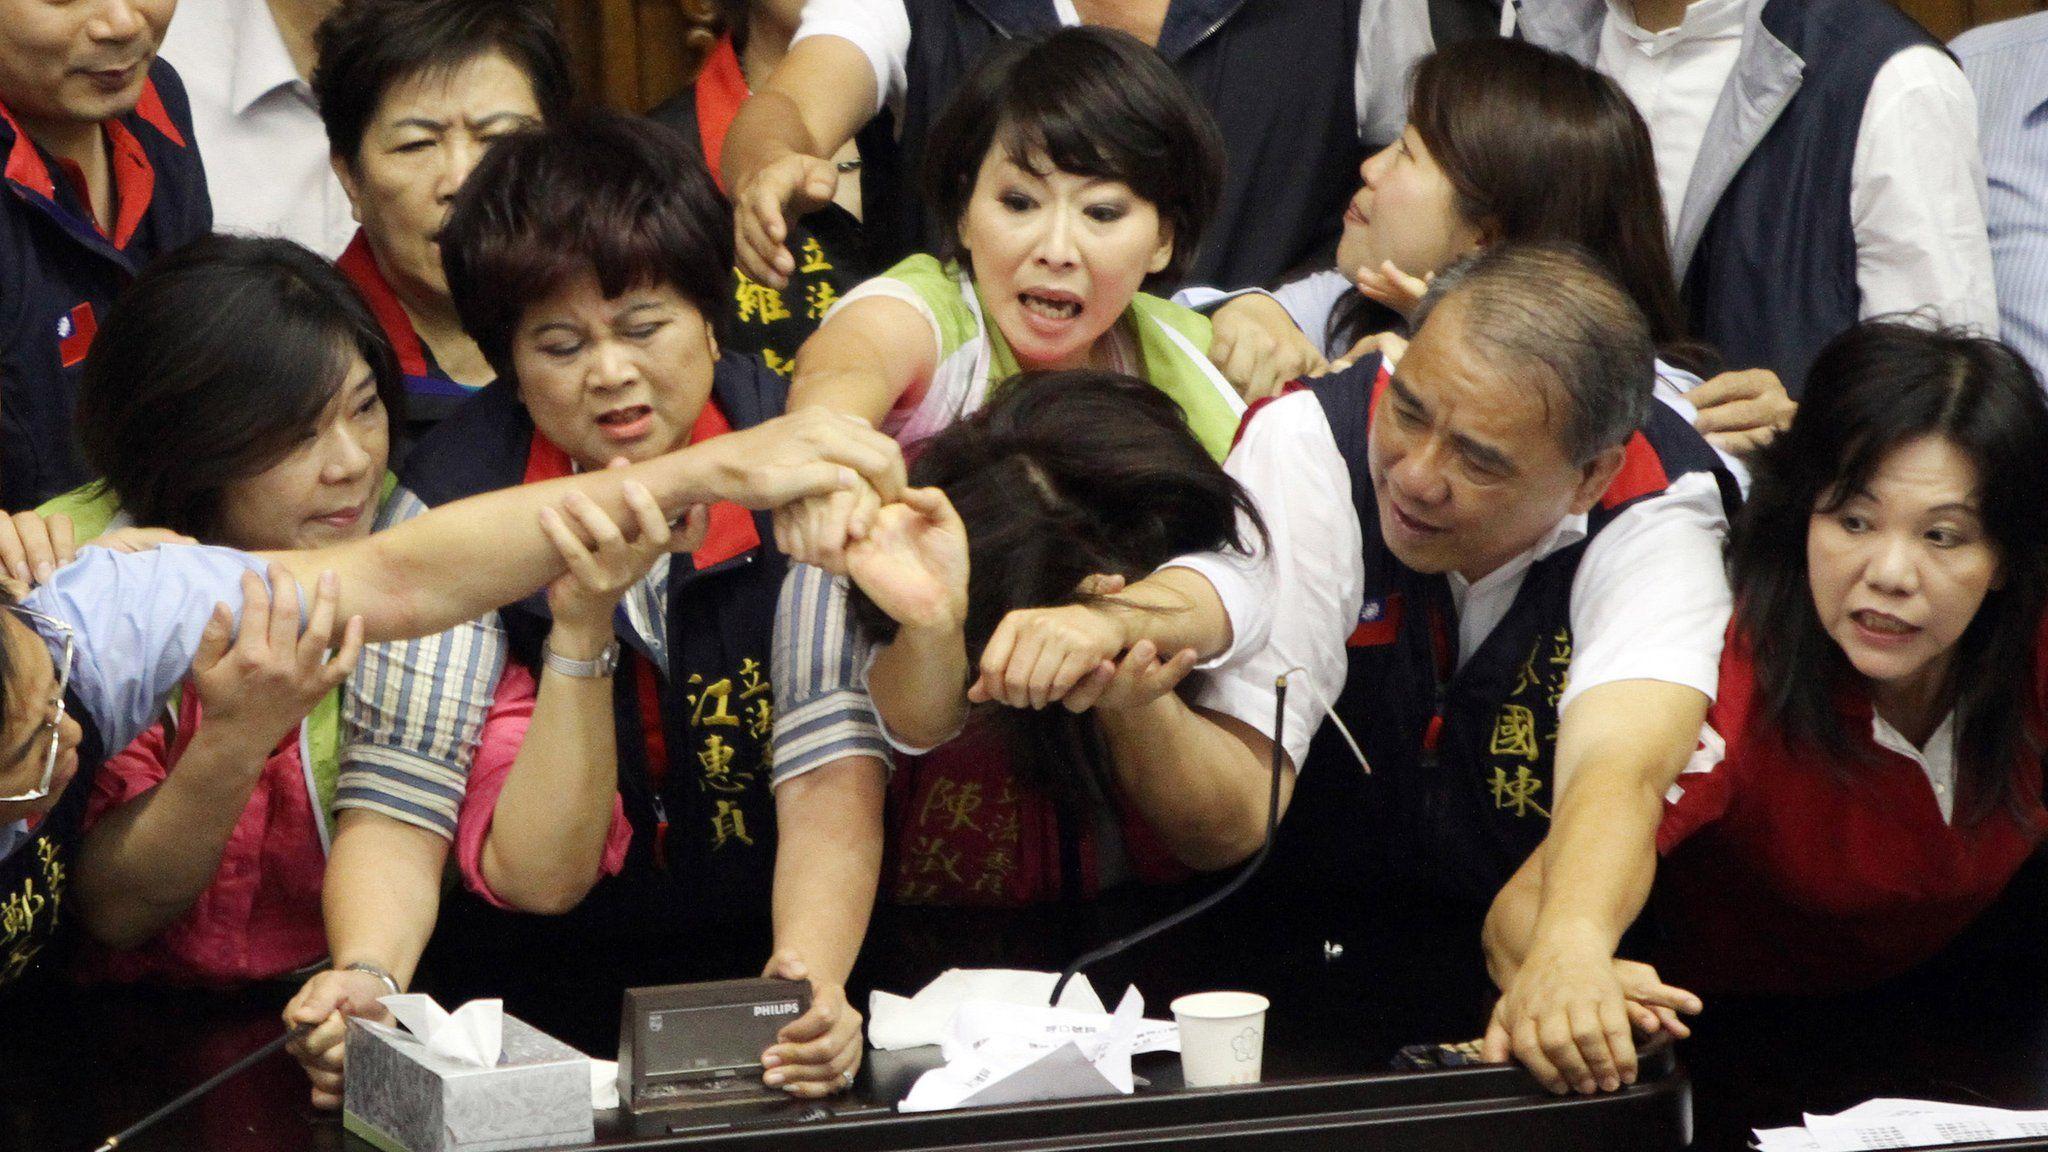 A scuffle breaks out between legislators in Taiwan's parliament in 2013.